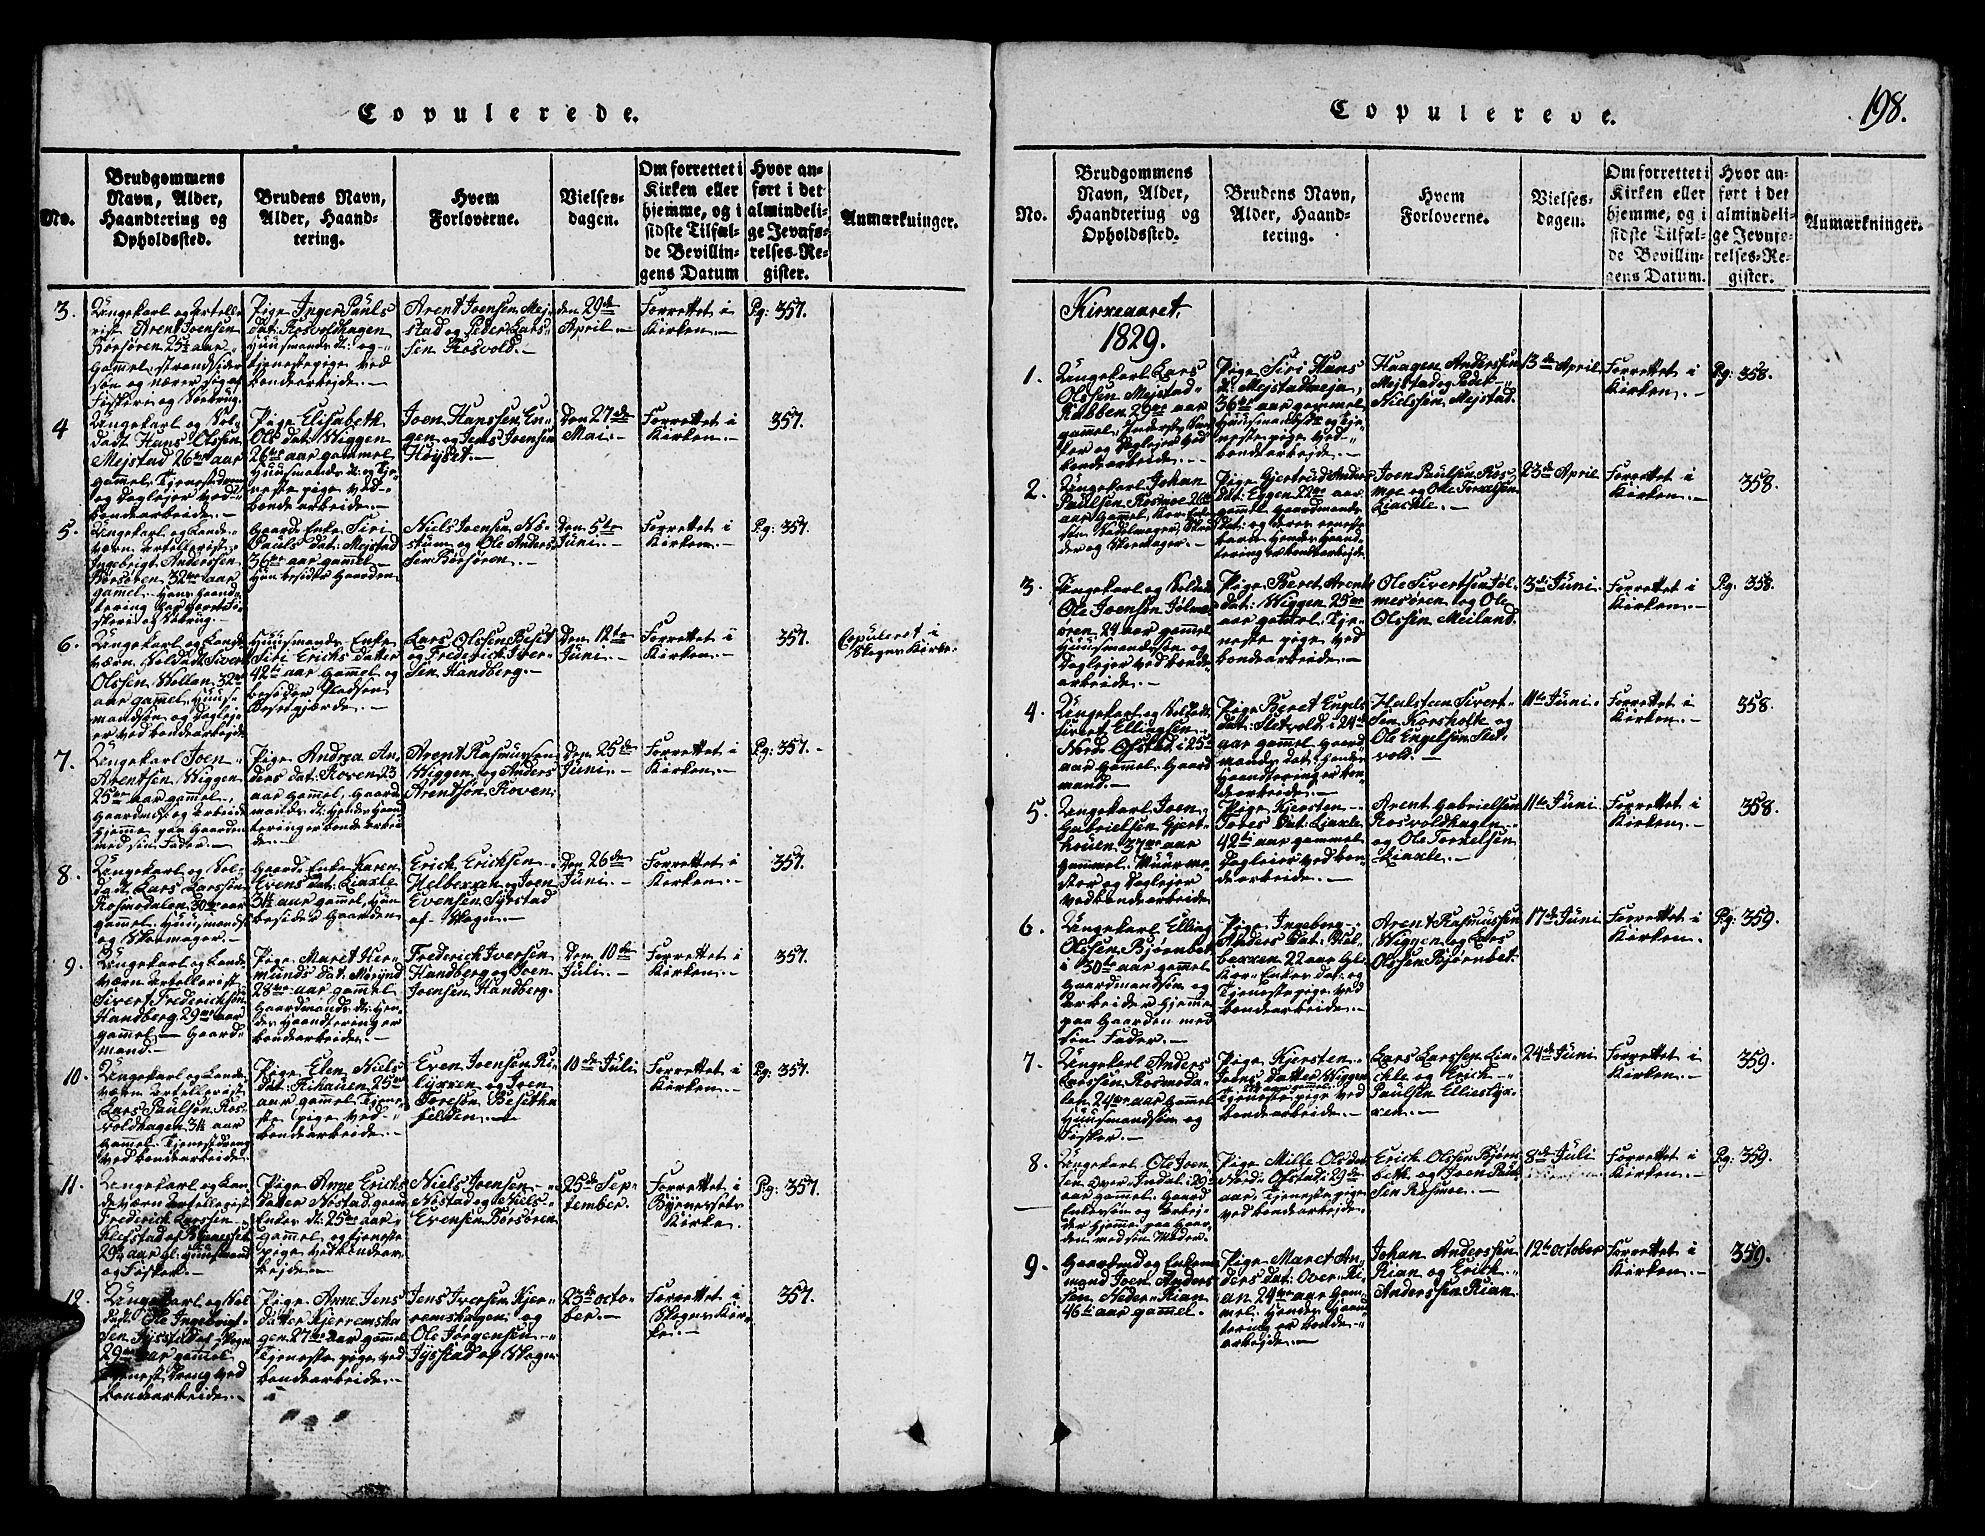 SAT, Ministerialprotokoller, klokkerbøker og fødselsregistre - Sør-Trøndelag, 665/L0776: Klokkerbok nr. 665C01, 1817-1837, s. 198